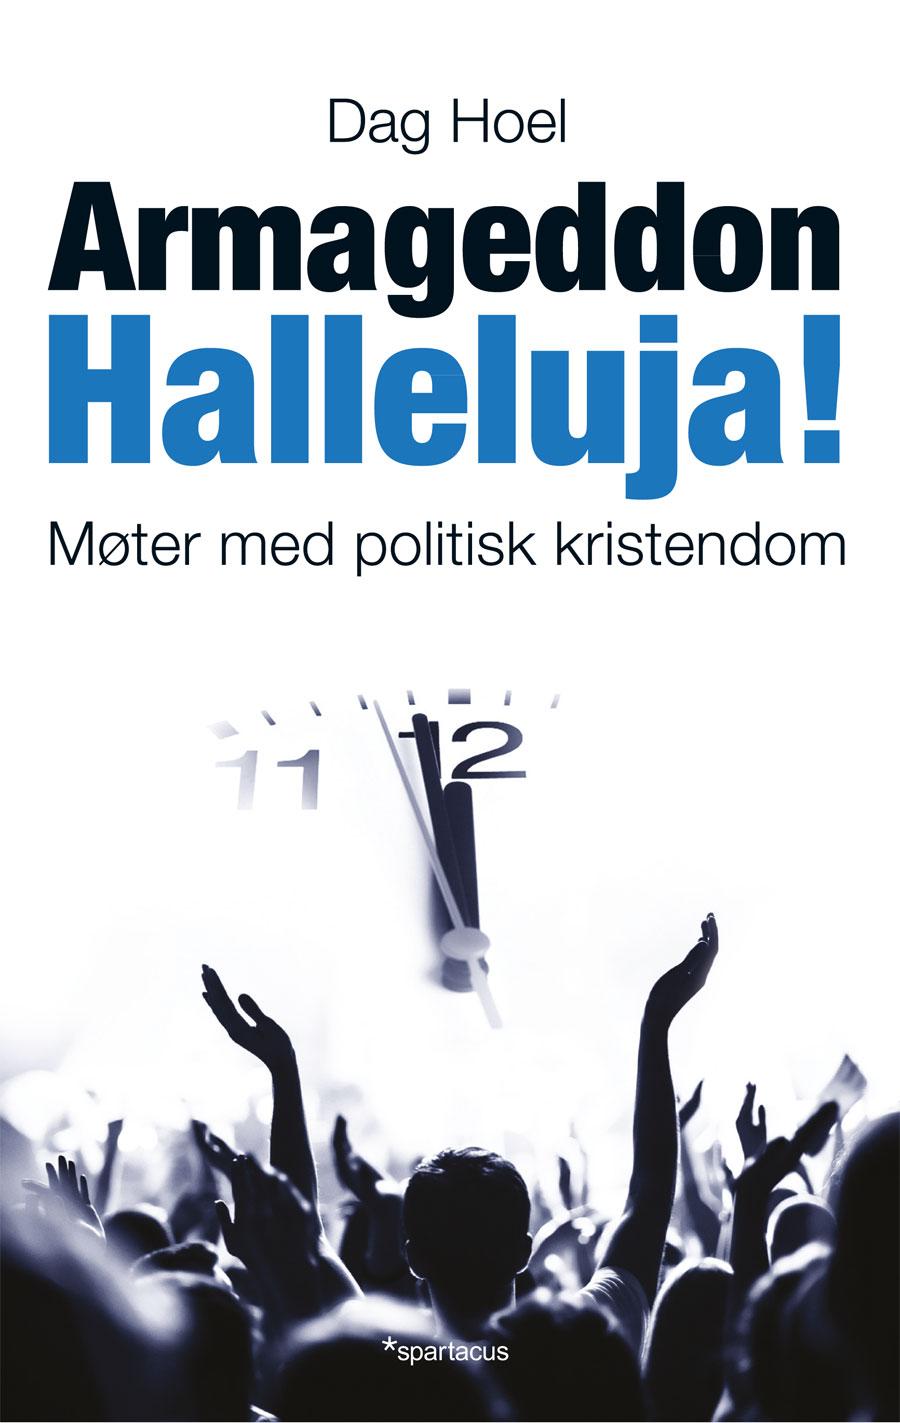 Armageddon halleluja